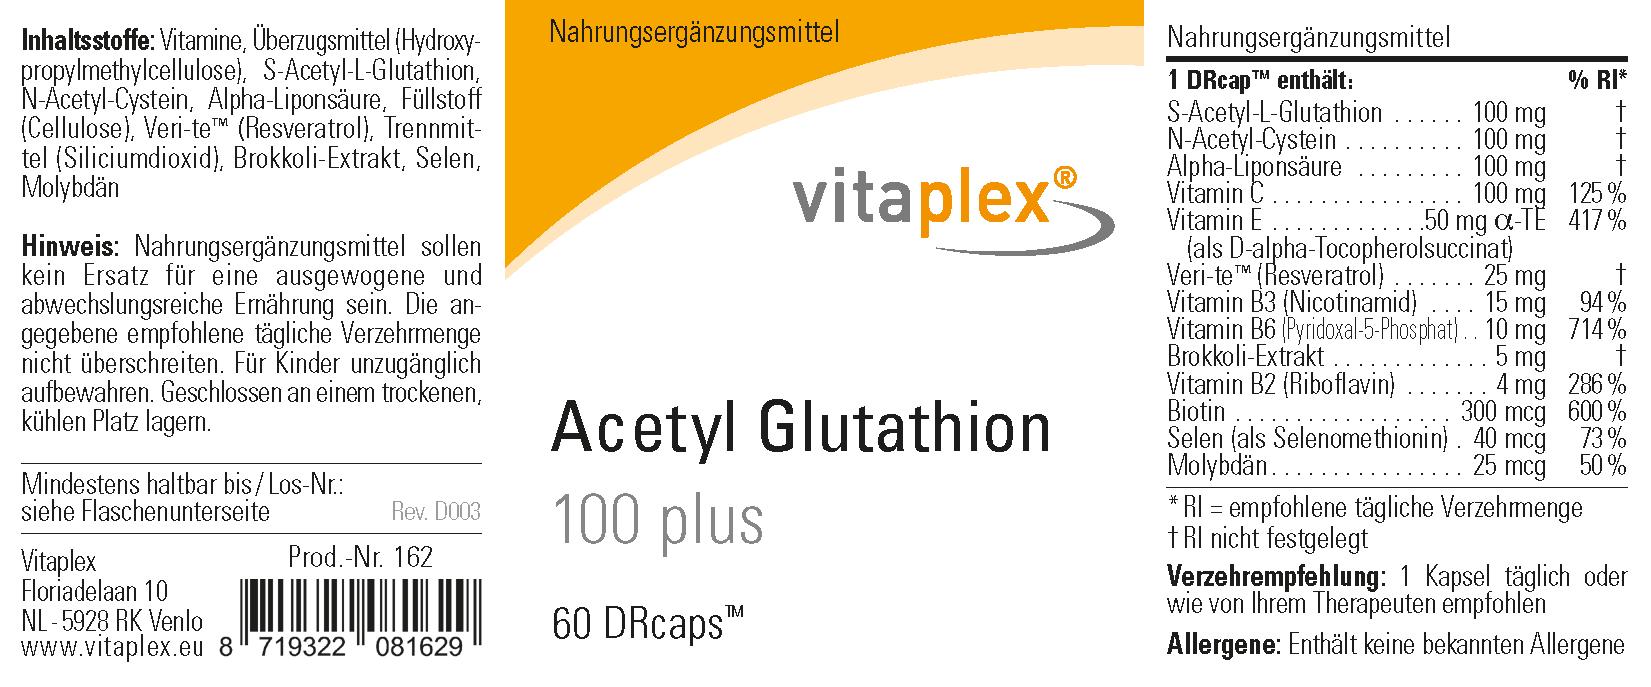 Acetyl Glutathion 100 plus